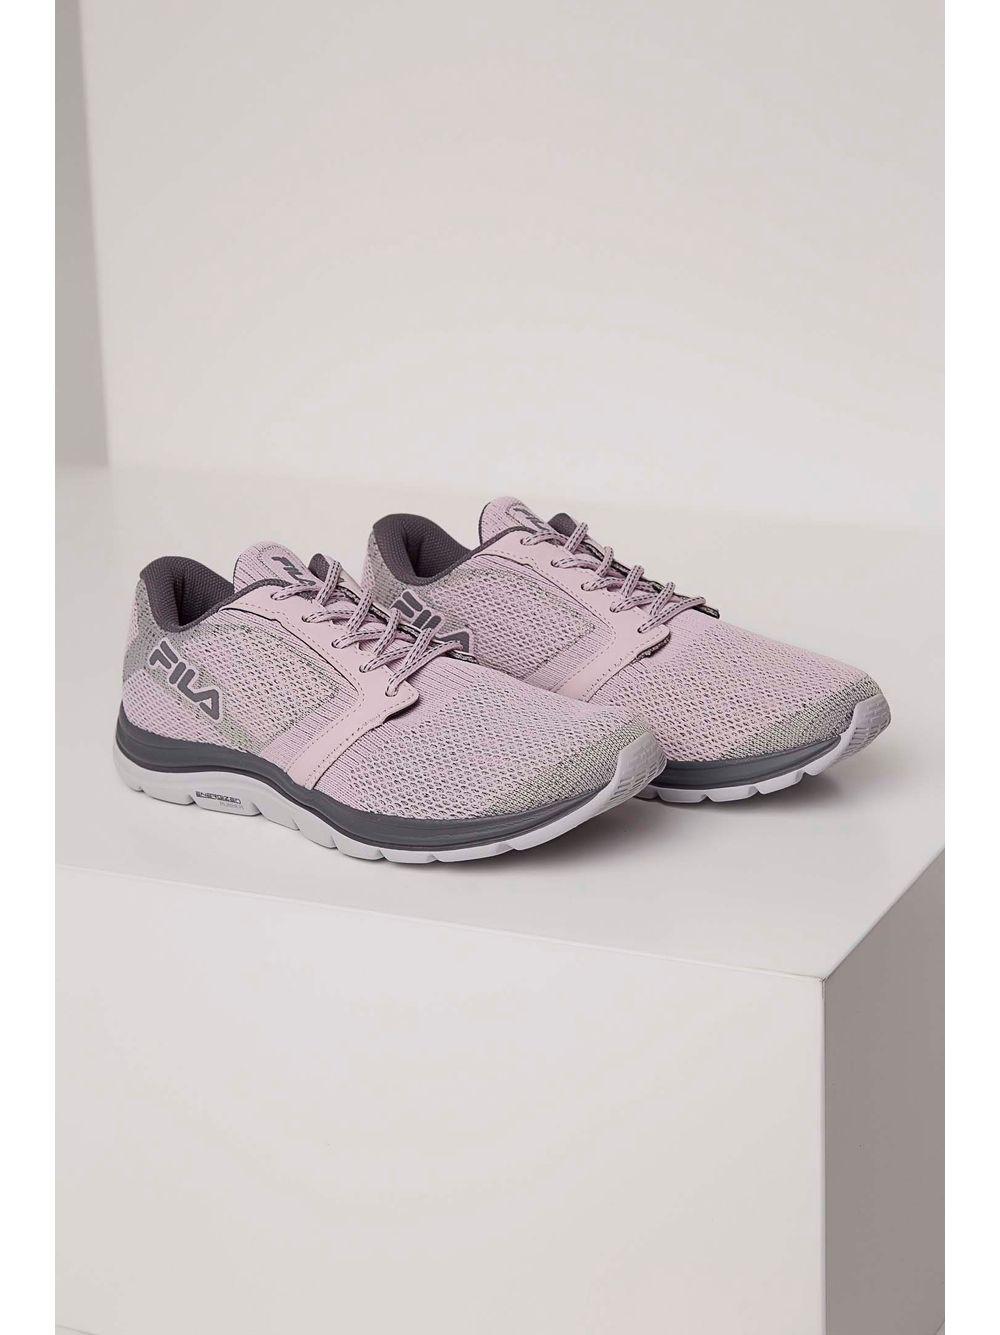 c751fd46a7 Tênis Fila Women Footwear Twisting Rosa - pittol